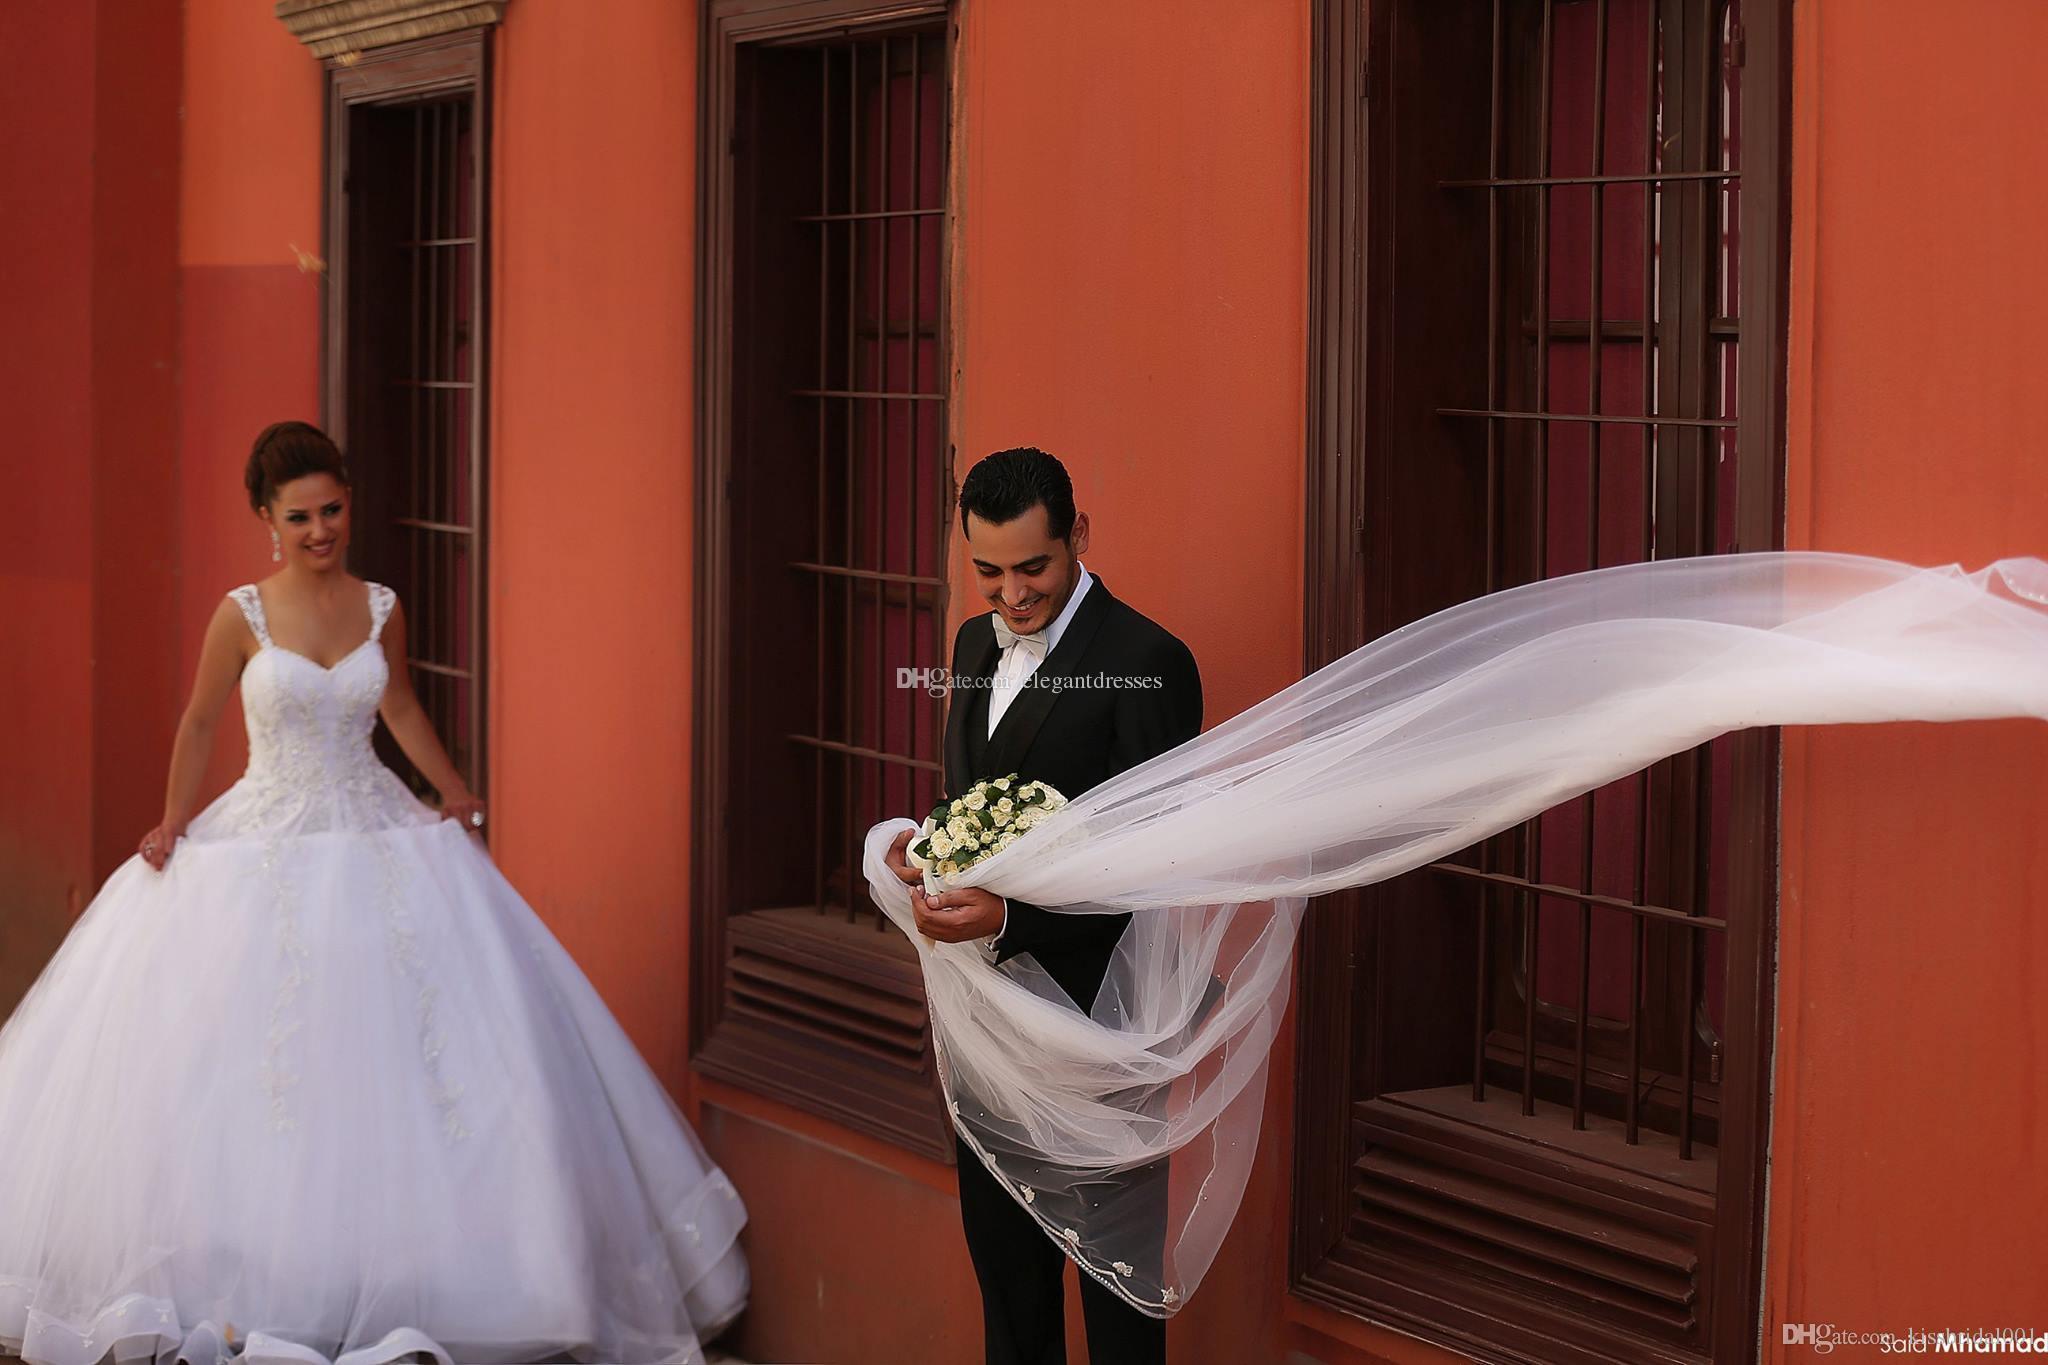 Принцесса 2021 Кружева Свадебные платья Белая слоновая слоновая кость свадебные платья Милая шейка плюс Размер шнуров руки вверху бисером органза Сваденья свадьбы